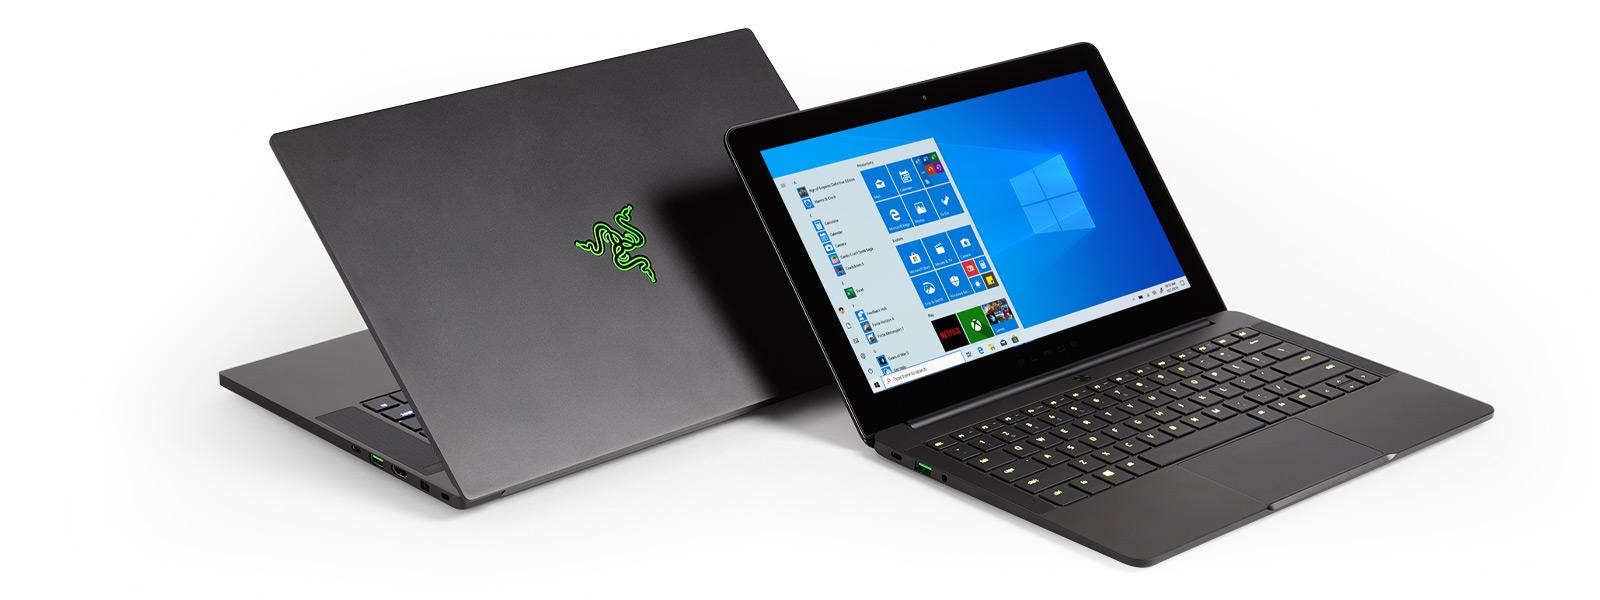 Zwei Razer-Computer, die Rücken an Rücken stehen, wobei auf dem einen der Windows 10-Startbildschirm und App-Kacheln wie Xbox und Netflix zu sehen sind